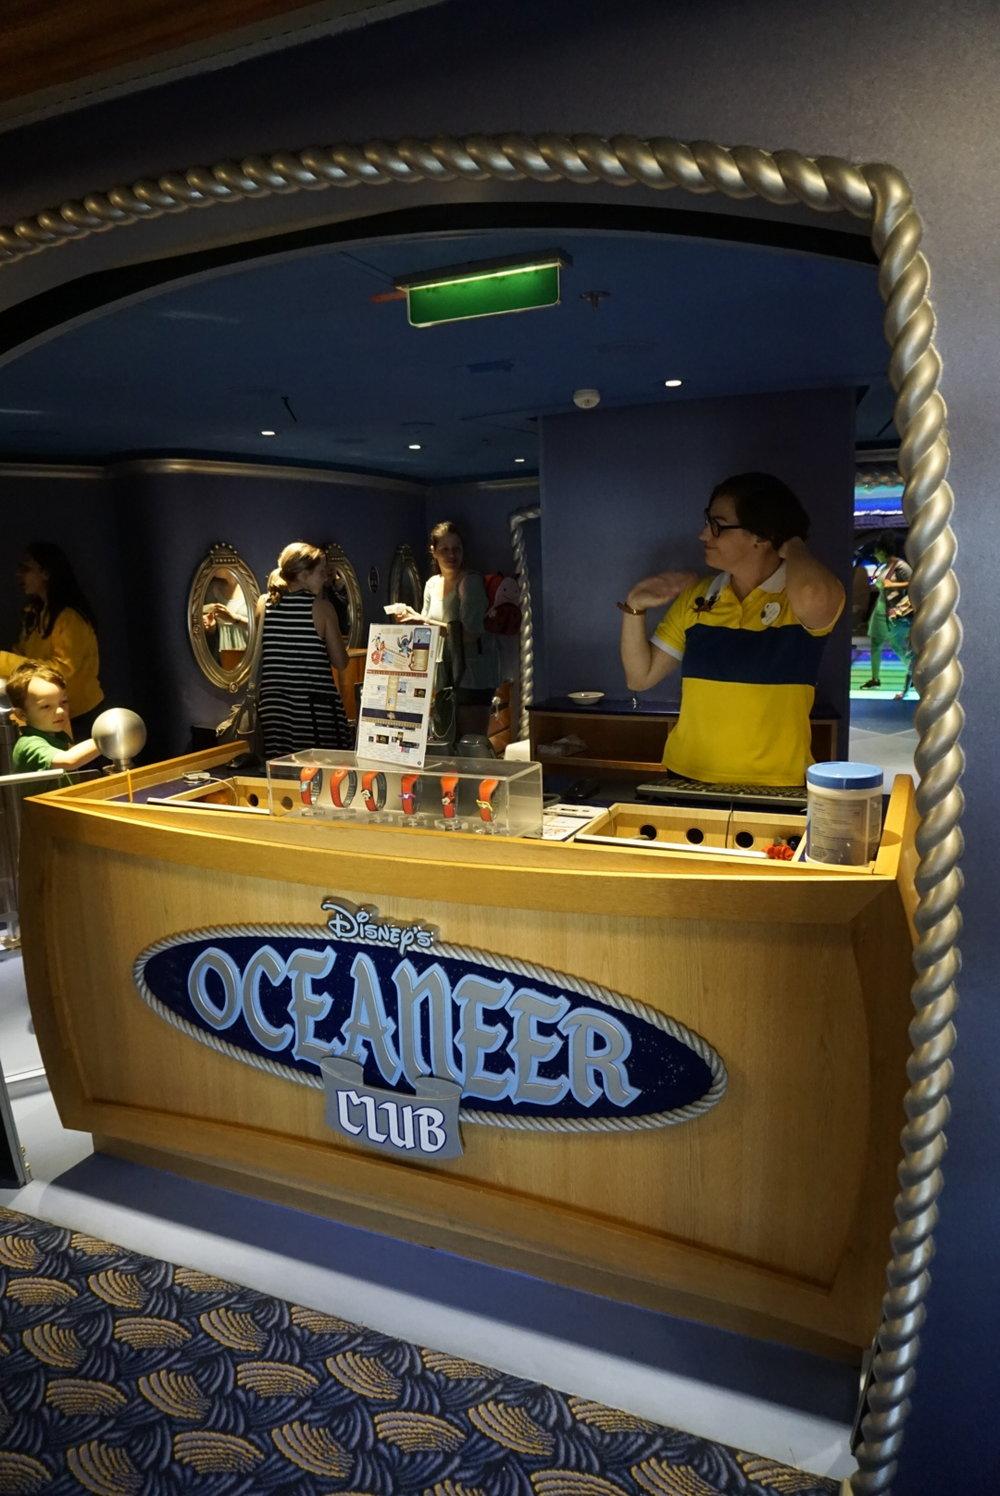 disney-cruise-oceaners-club-5.JPG